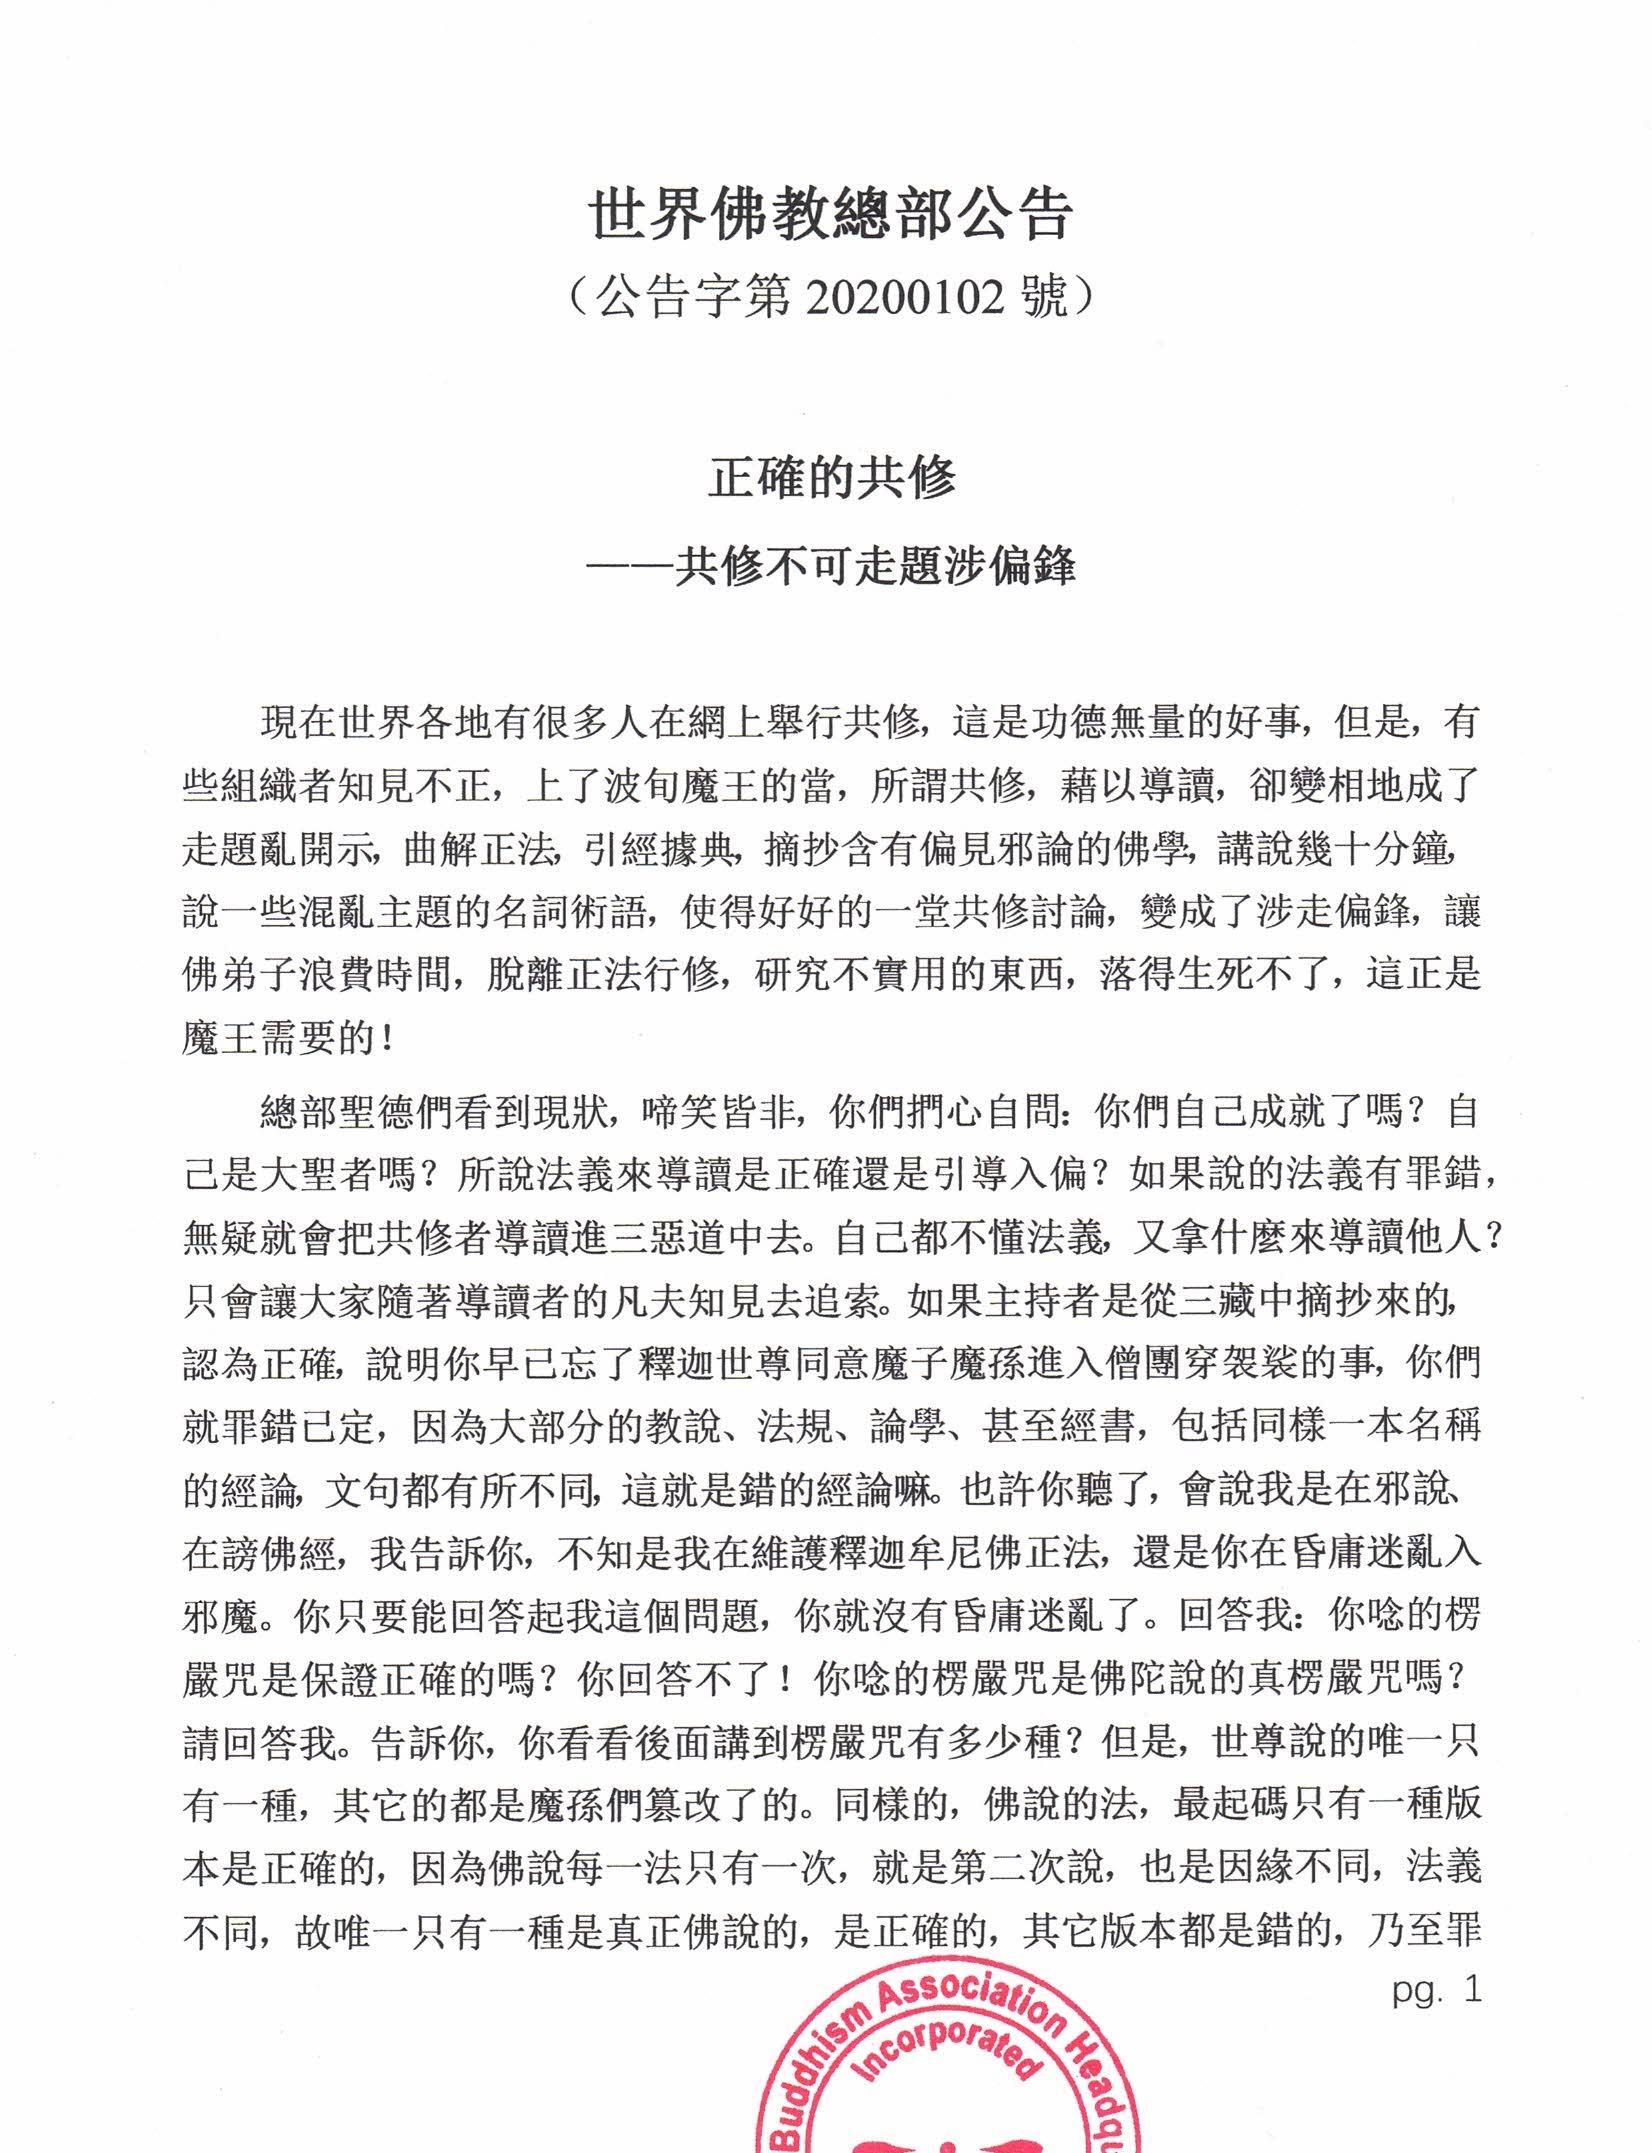 1 - 世界佛教總部公告(公告字第20200102號)- 正確的共修——共修不可走題涉偏鋒